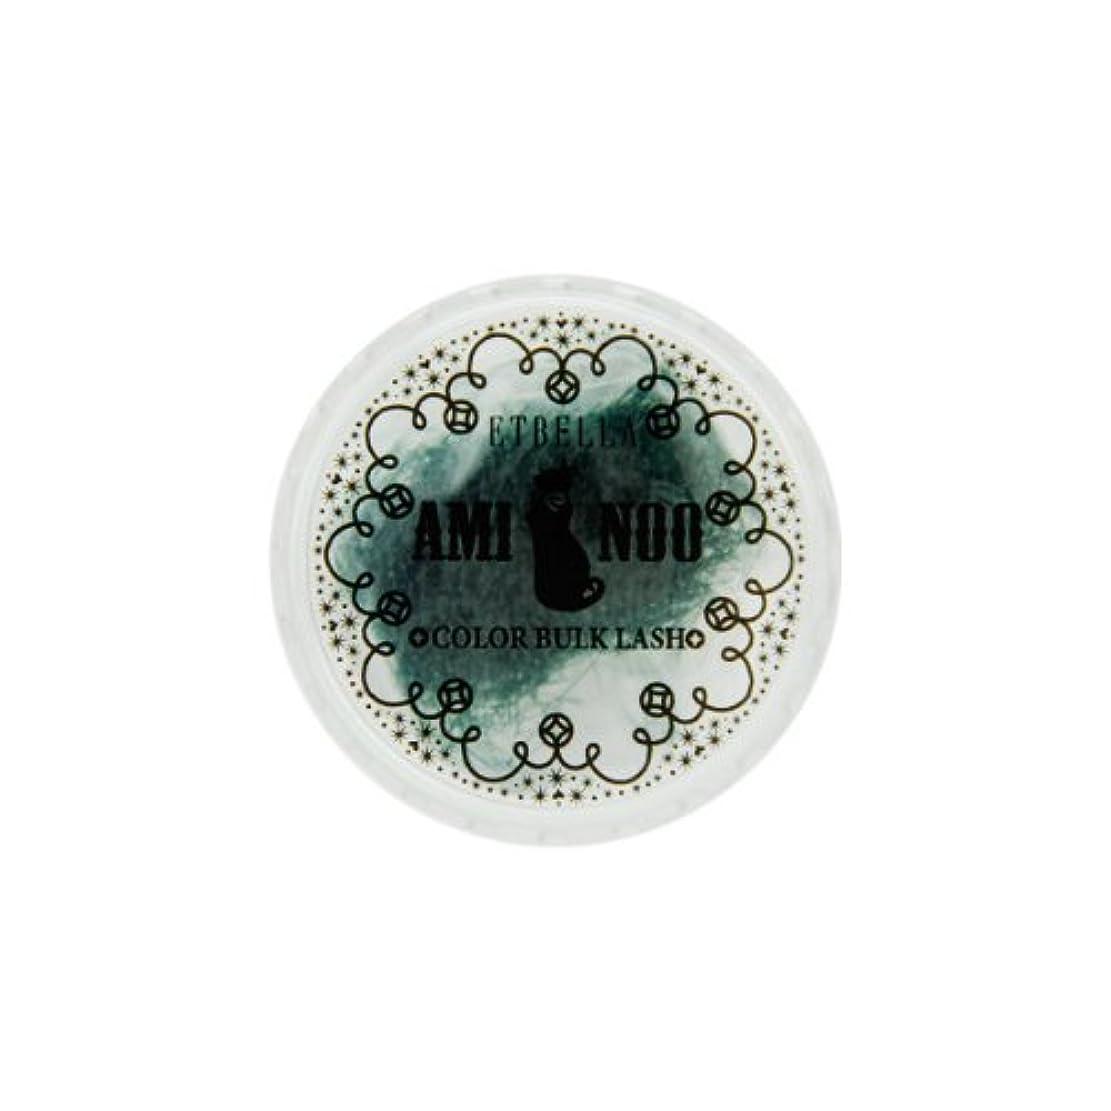 バルセロナアカウント根絶するエトゥベラ アミヌ カラーラッシュ グリーン Jカール 太さ0.15mm×長さ13mm 0.2g